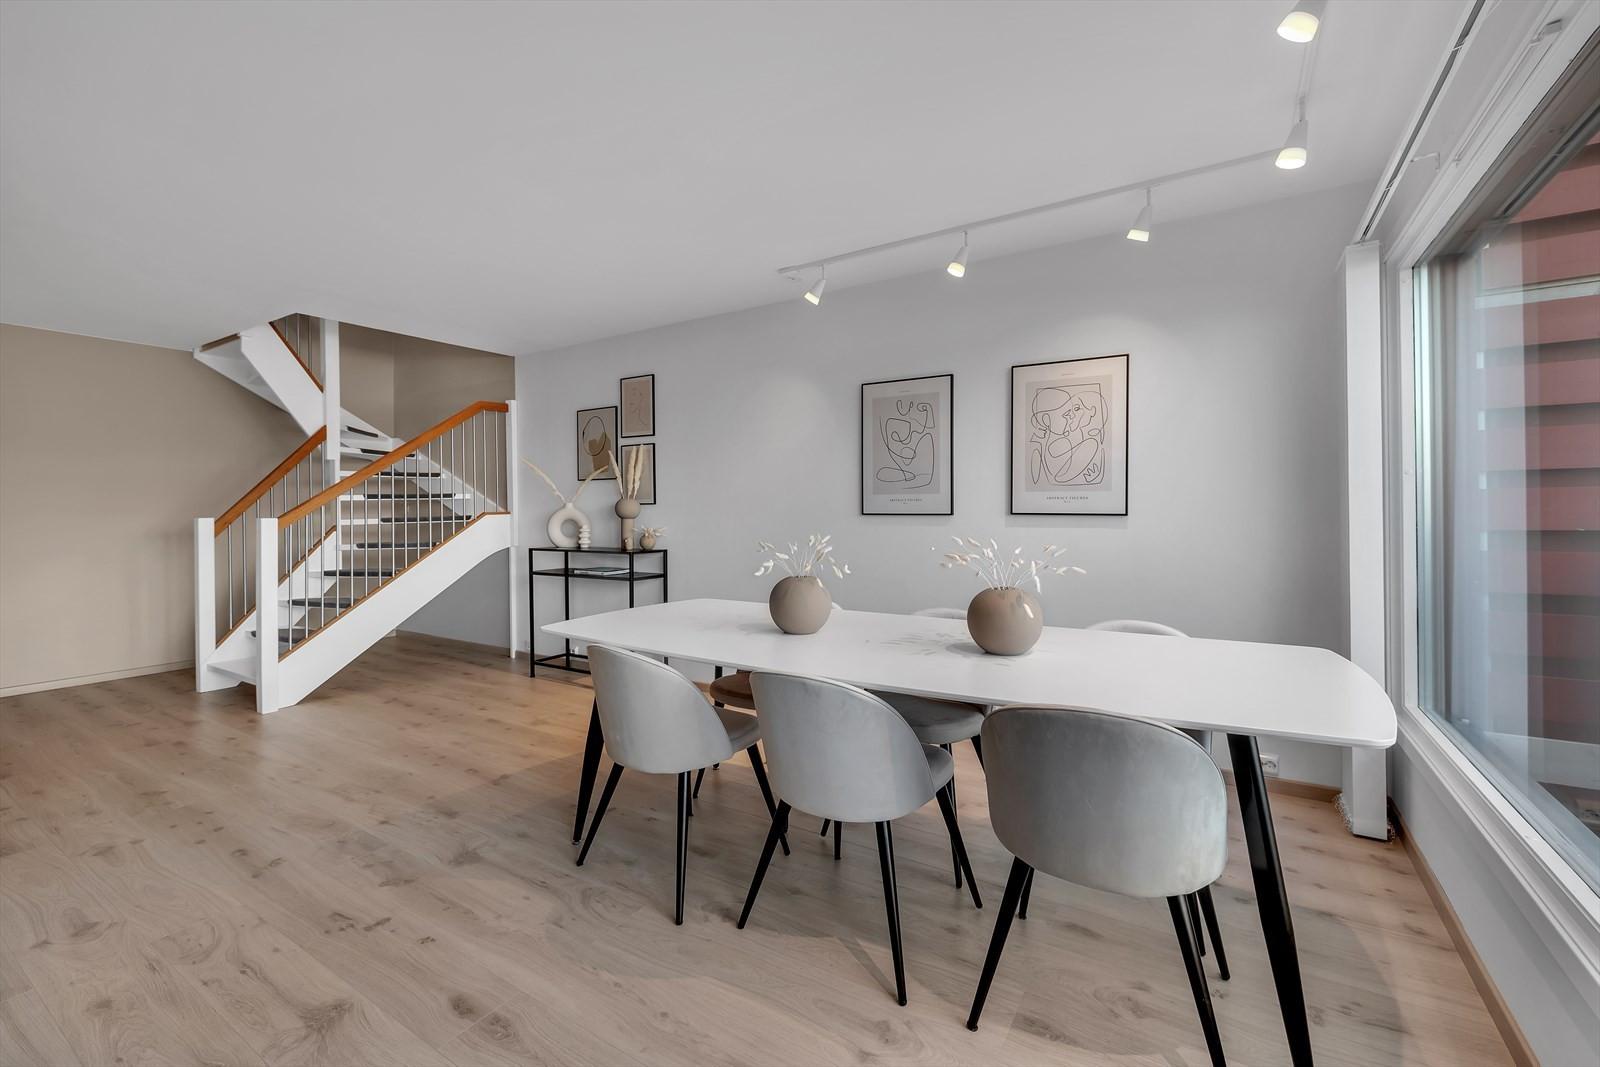 Meget god plass til spisebord og andre møbler